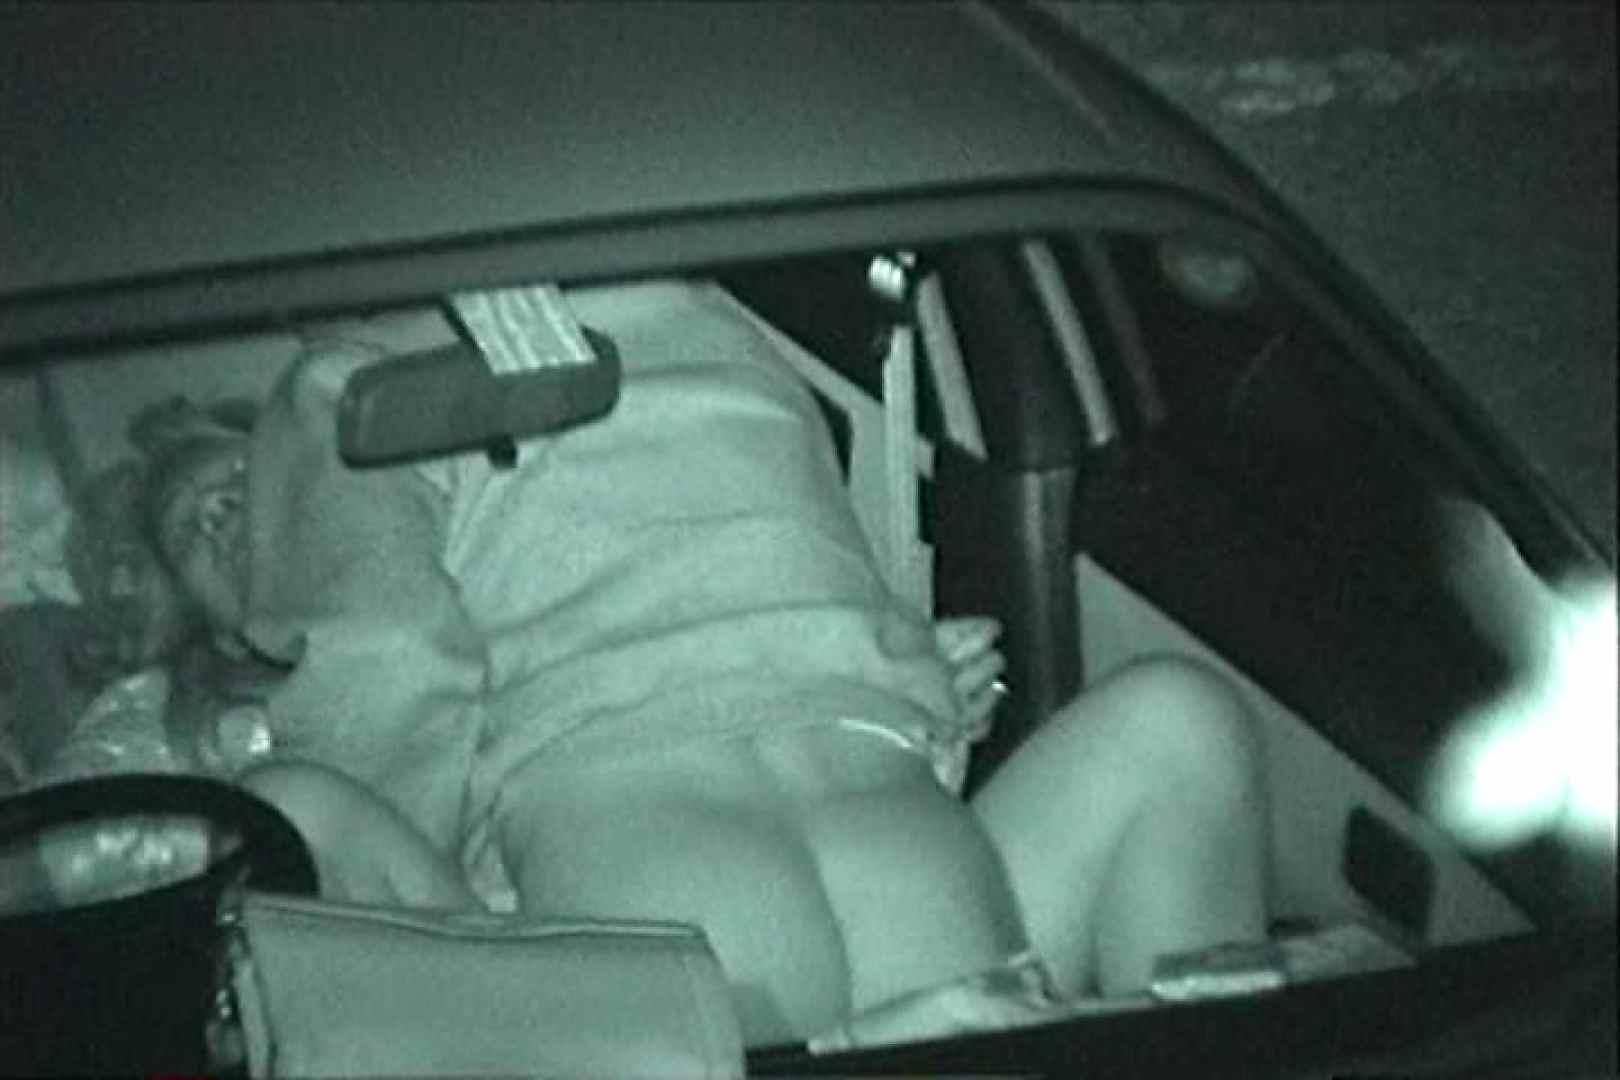 車の中はラブホテル 無修正版  Vol.28 セックス セックス画像 79画像 2